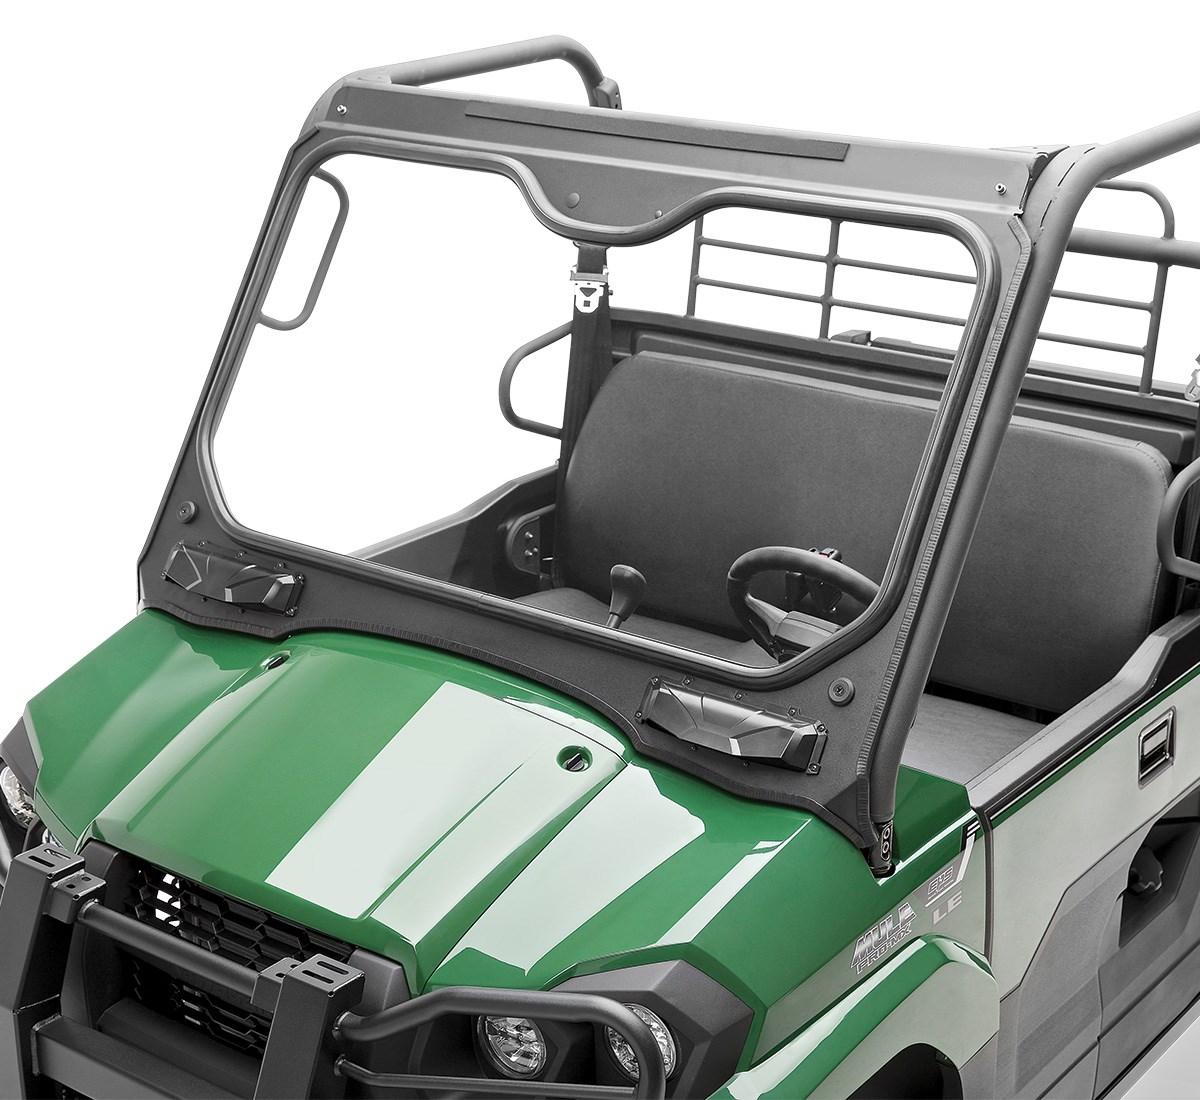 2015 Noir Haute Qualit/é pour moto en aluminium CNC Amortisseur direction direction support damortissement pour Kawasaki Z800/2013